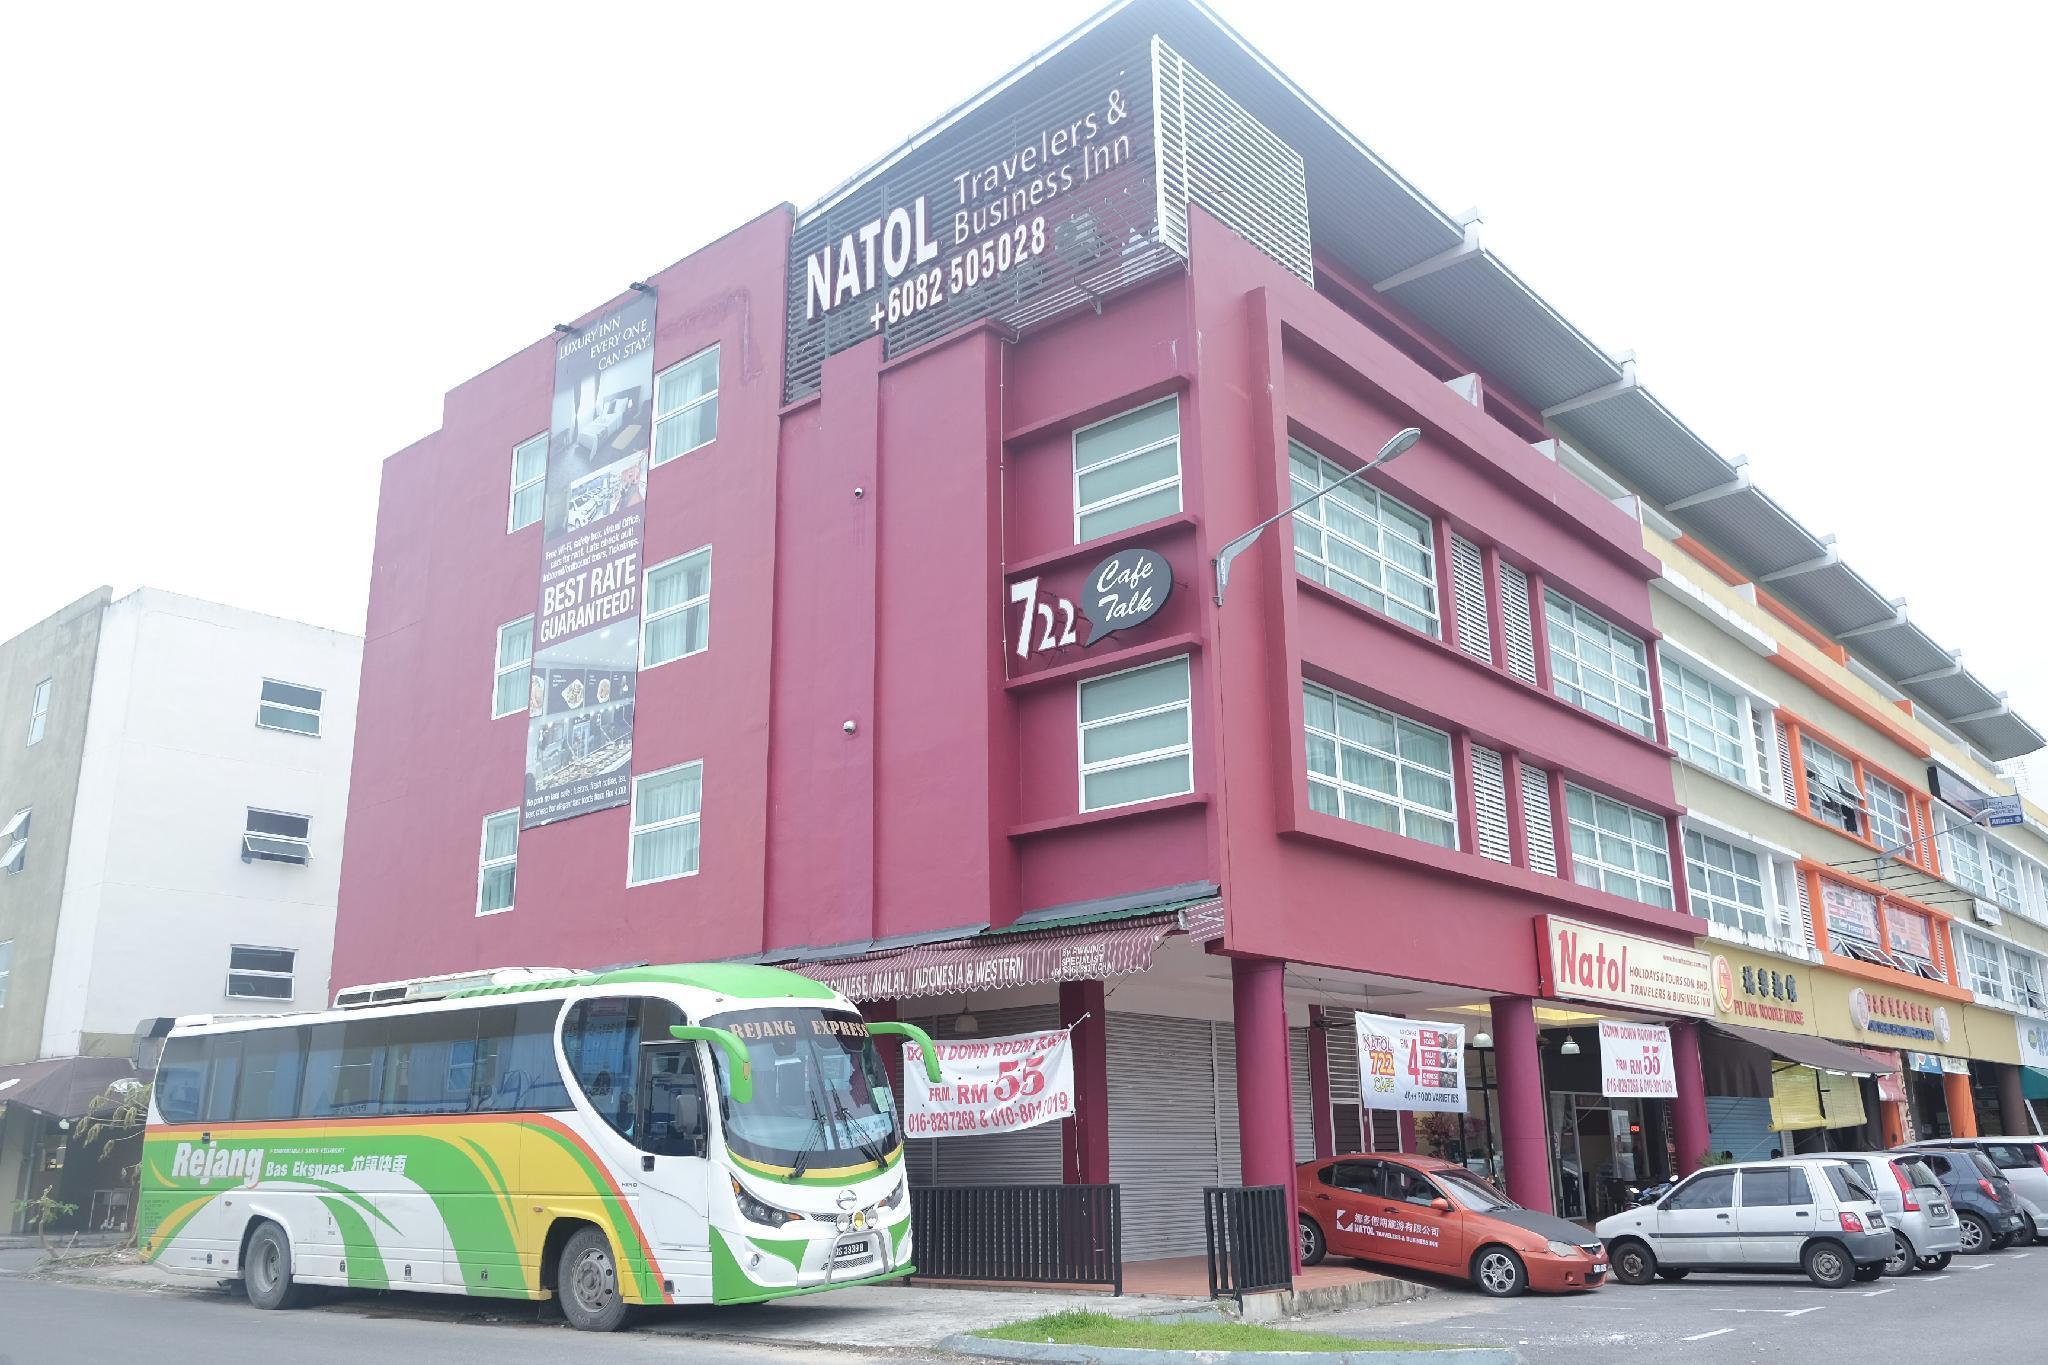 Natol Travelers And Business Inn